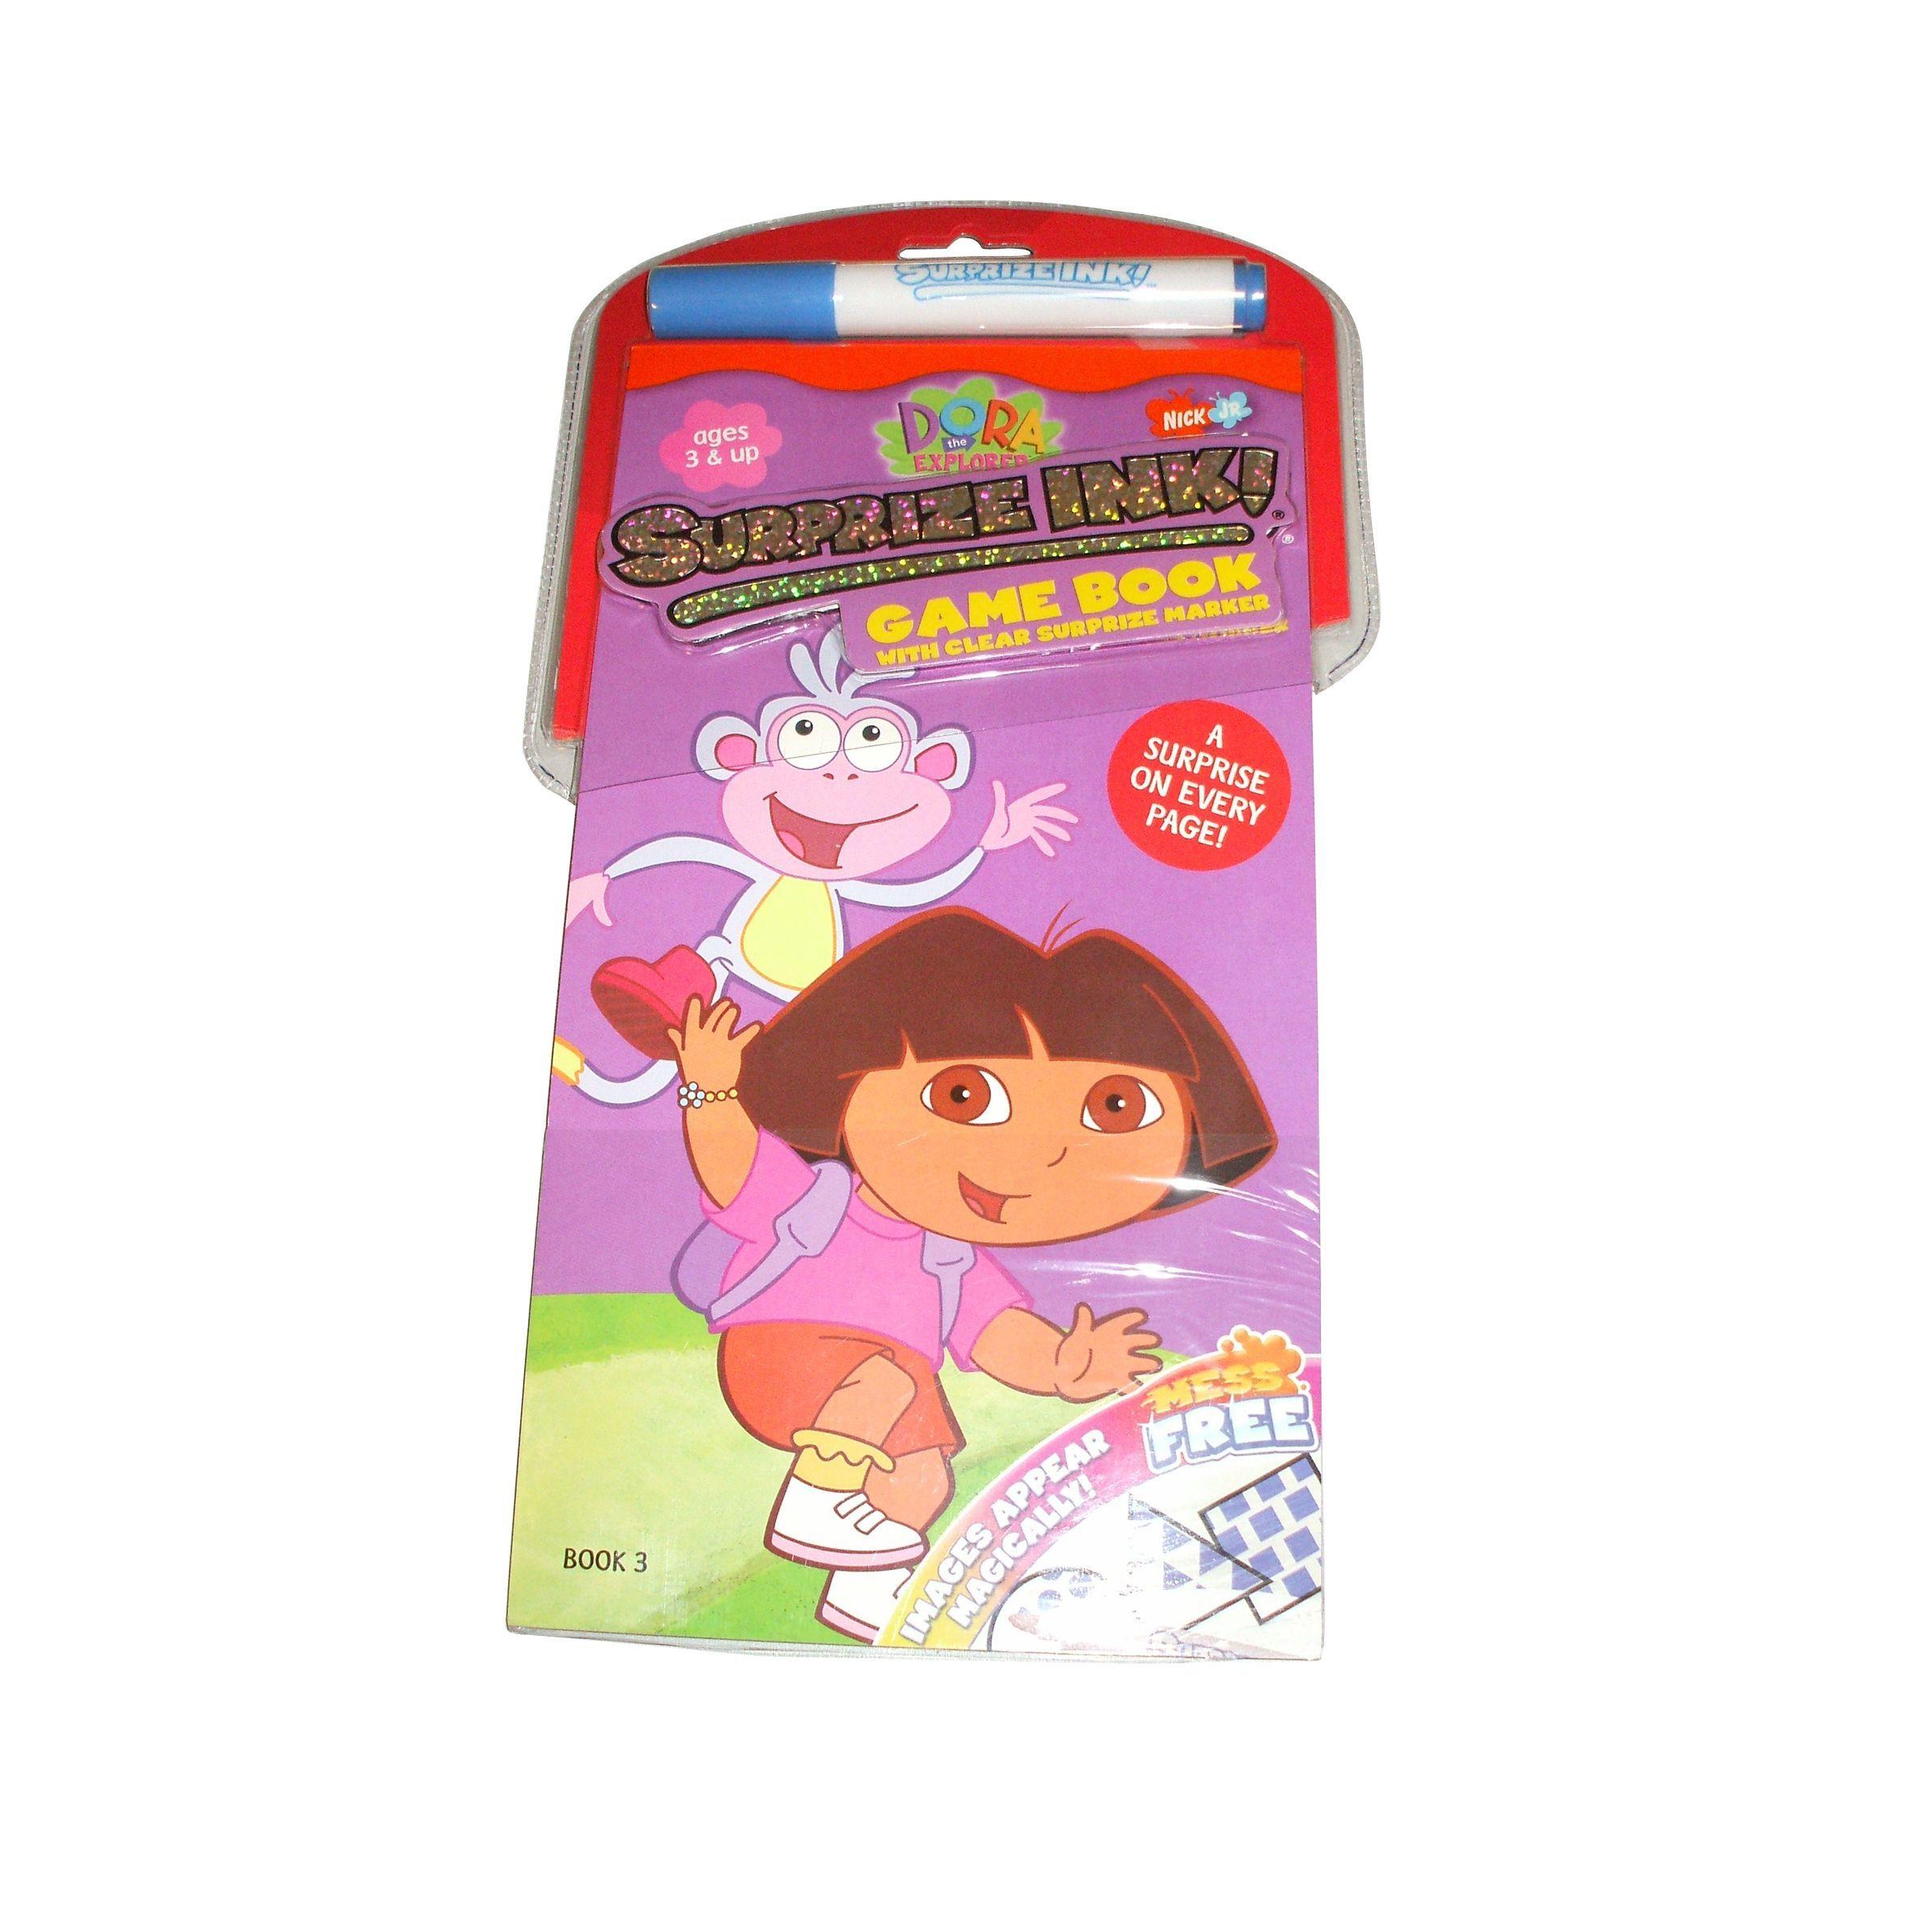 Surprize Ink Dora Game Book And 1 Marker Dora games